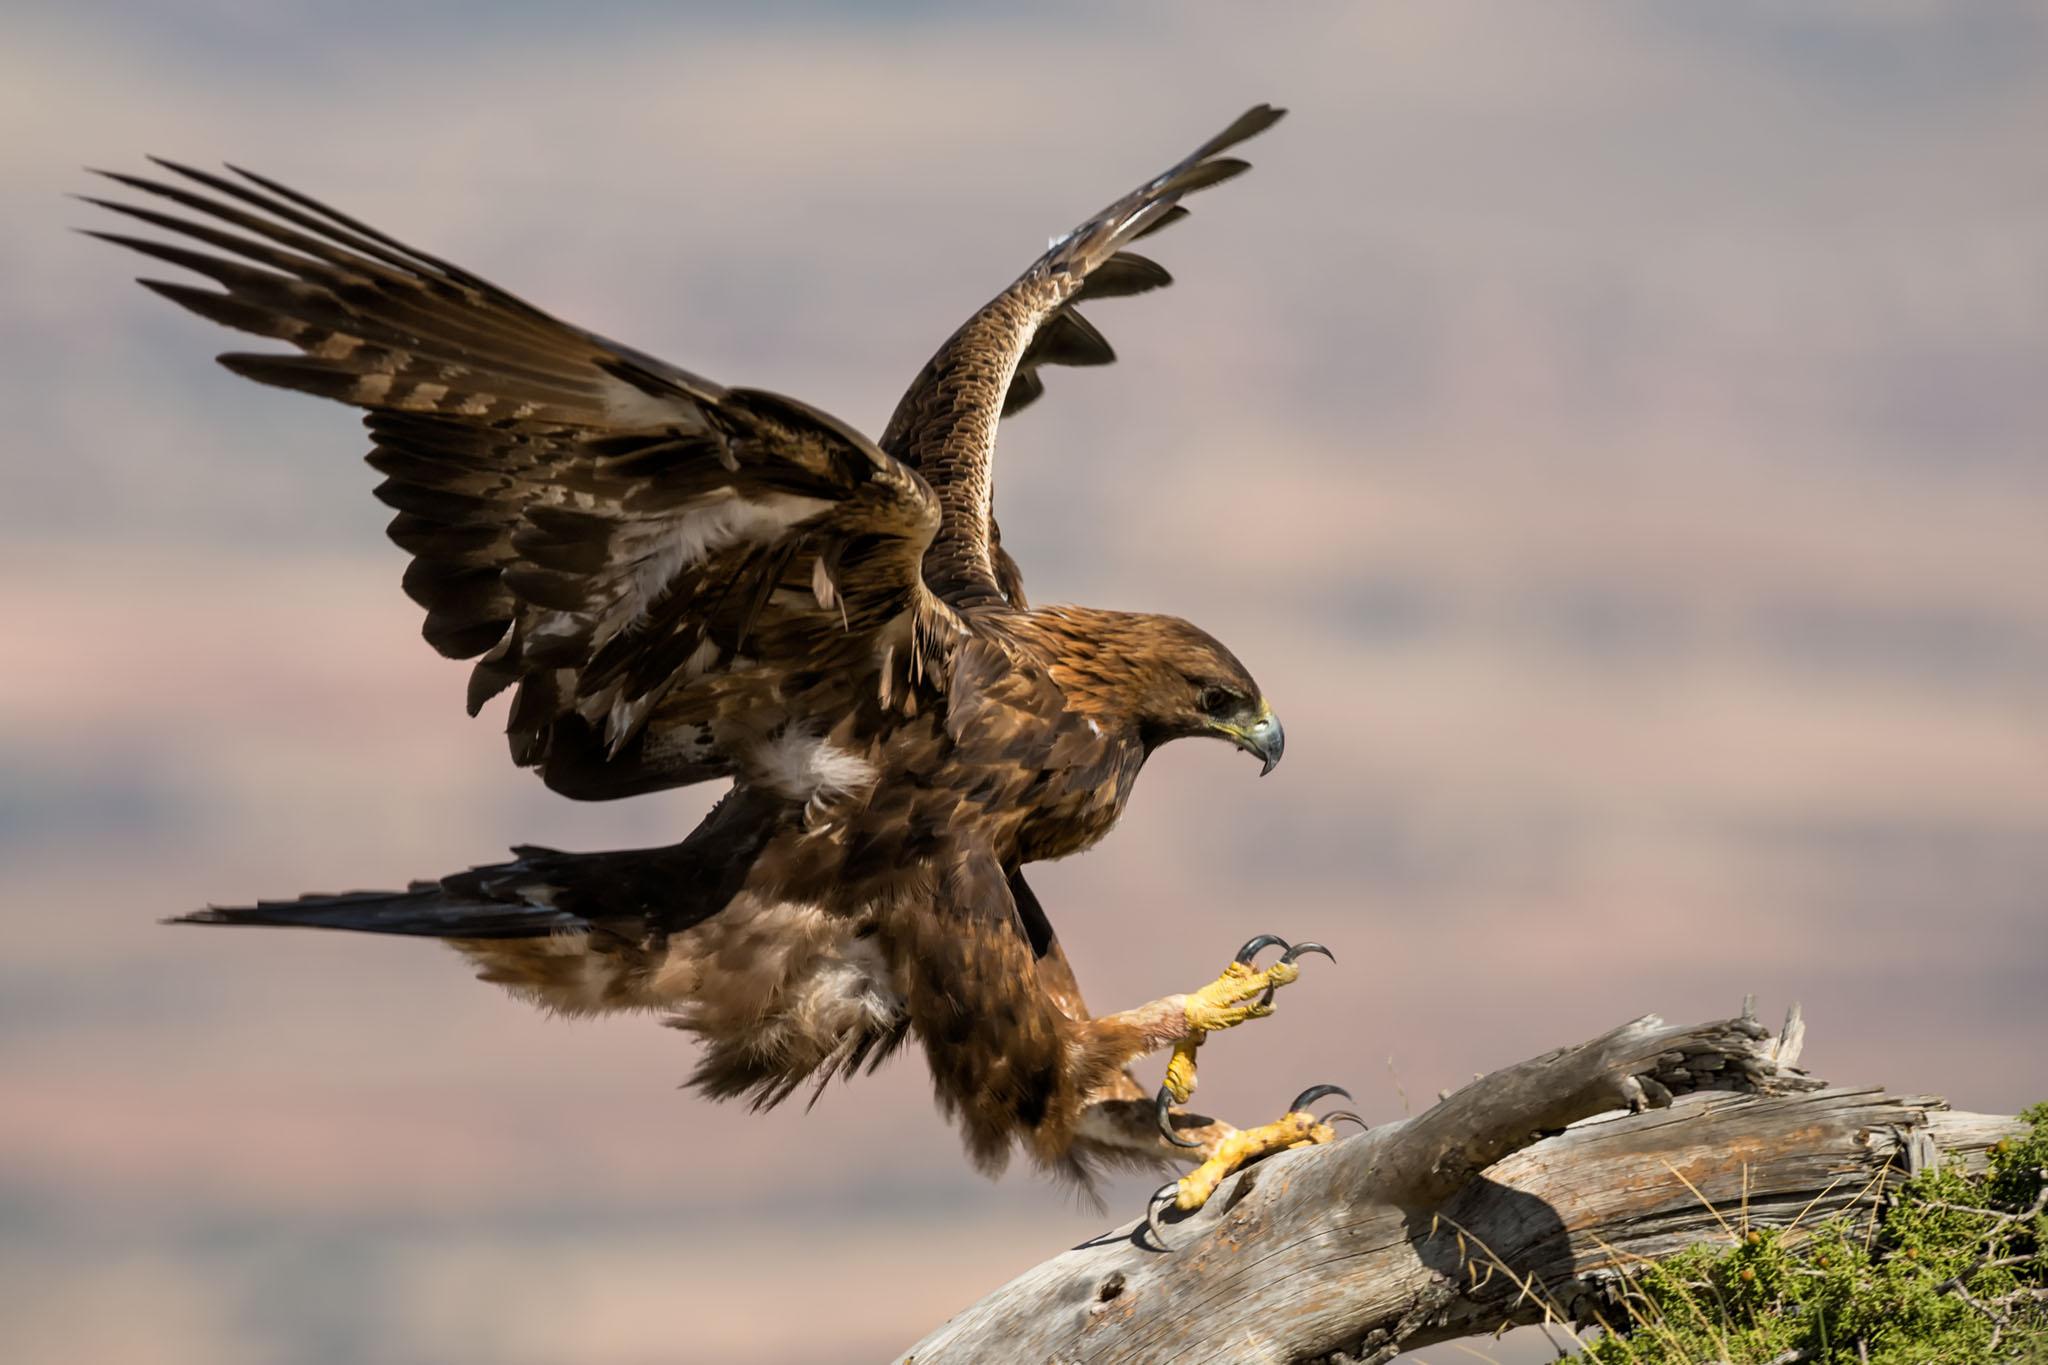 Aguila En La Espalda Águila real hiere a niña y casi se la lleva durante festival